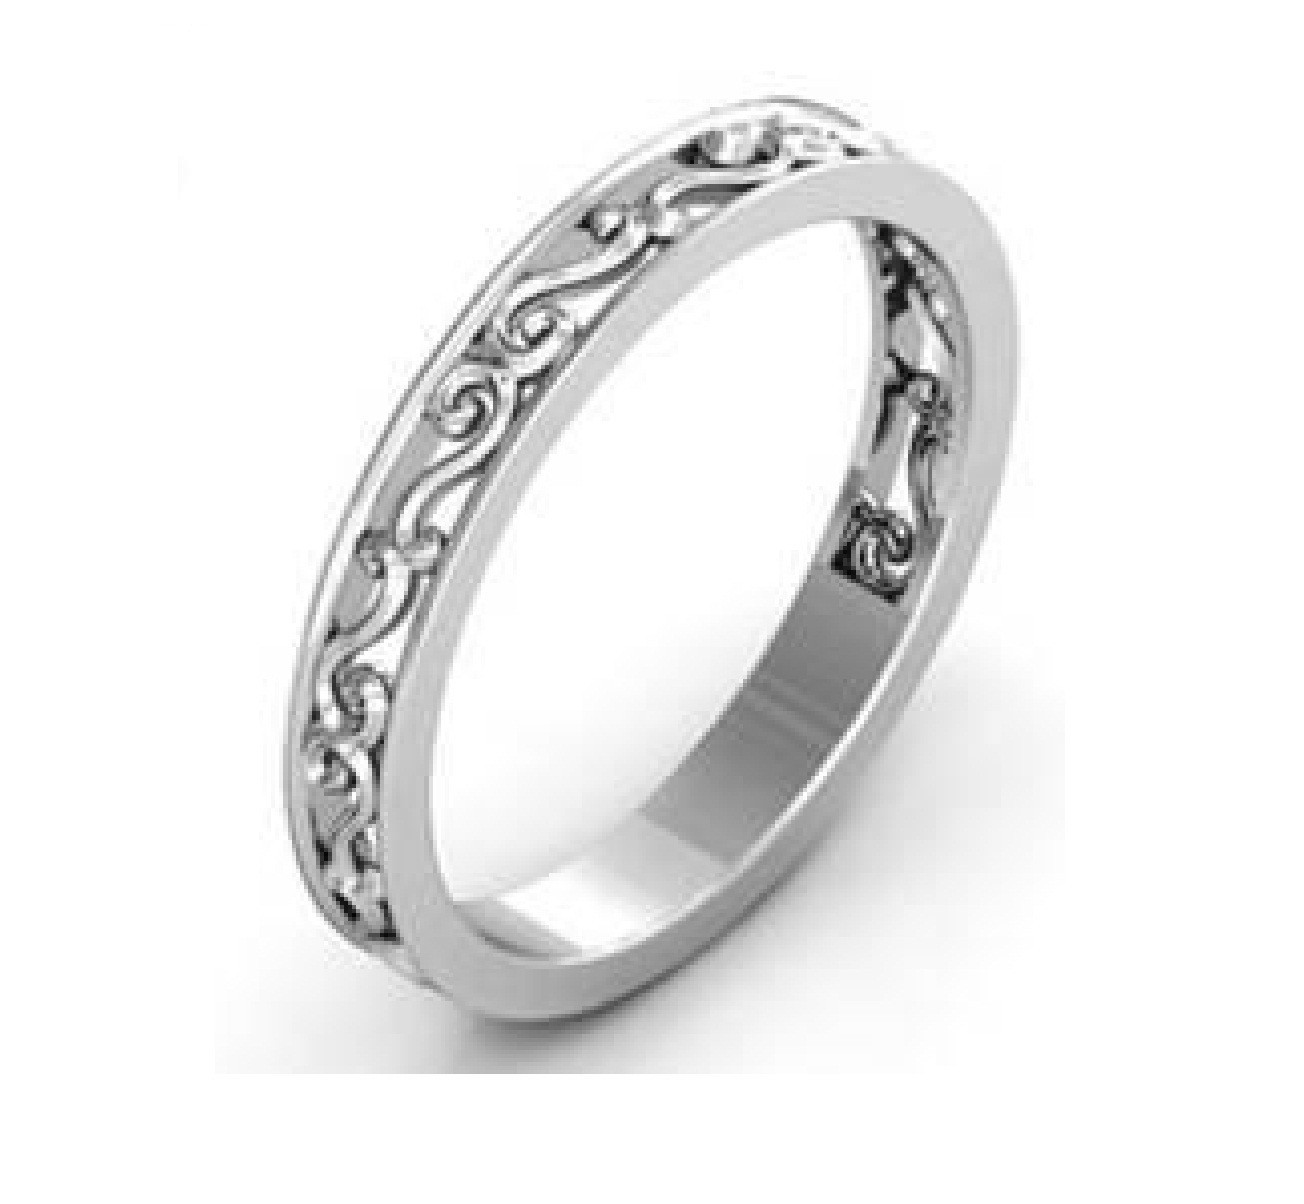 RG26146 - Copy.jpg Télécharger fichier STL gratuit Fichier CAD de bijoux 3D de la bande pour femme • Modèle à imprimer en 3D, VR3D